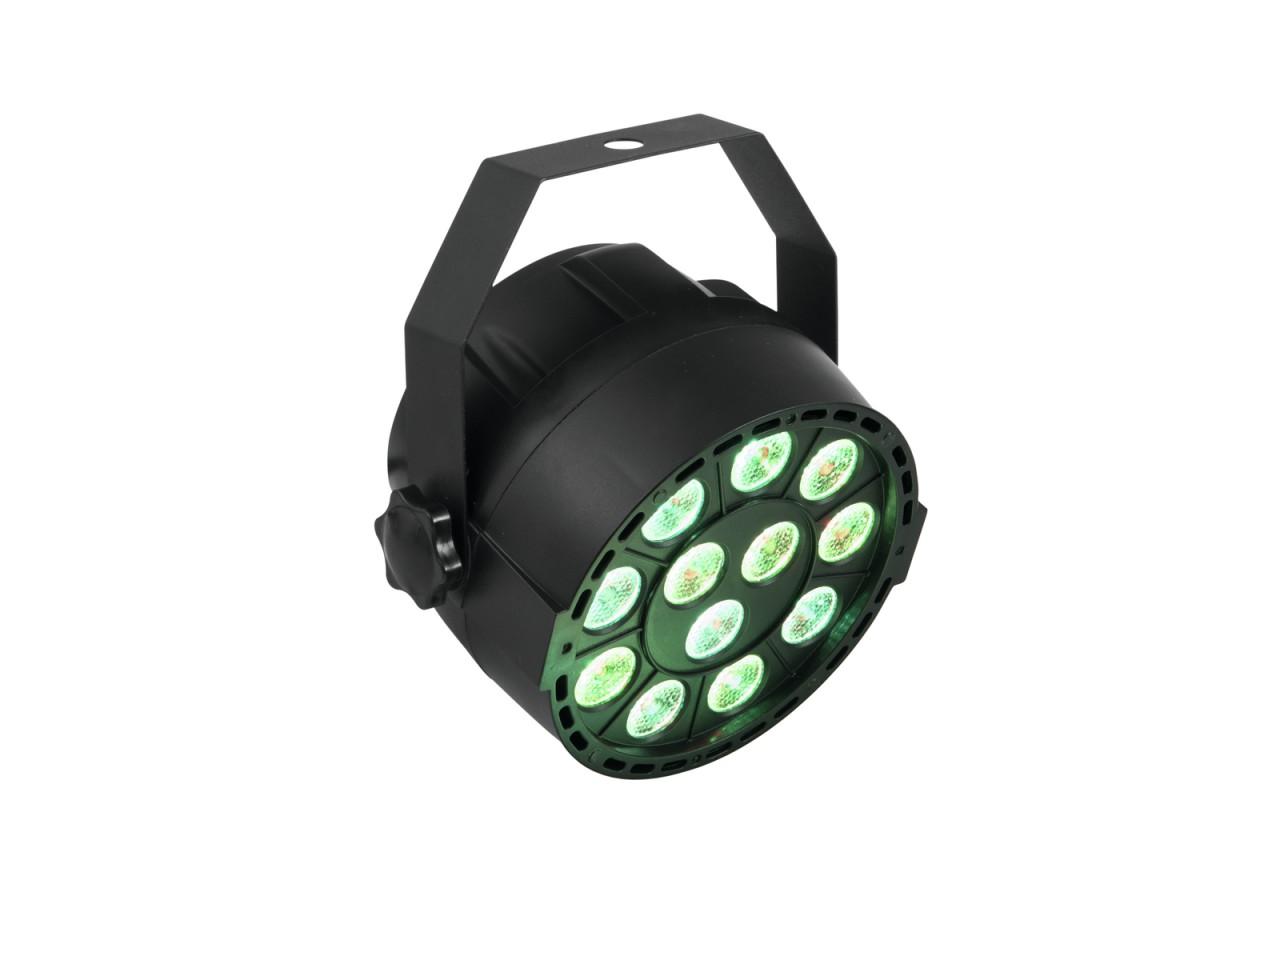 PARty Spot 12x3W RGB - heller Partyscheinwerfer mit 3 Farben - Automatik-, Musik- oder DMX-Steuerung